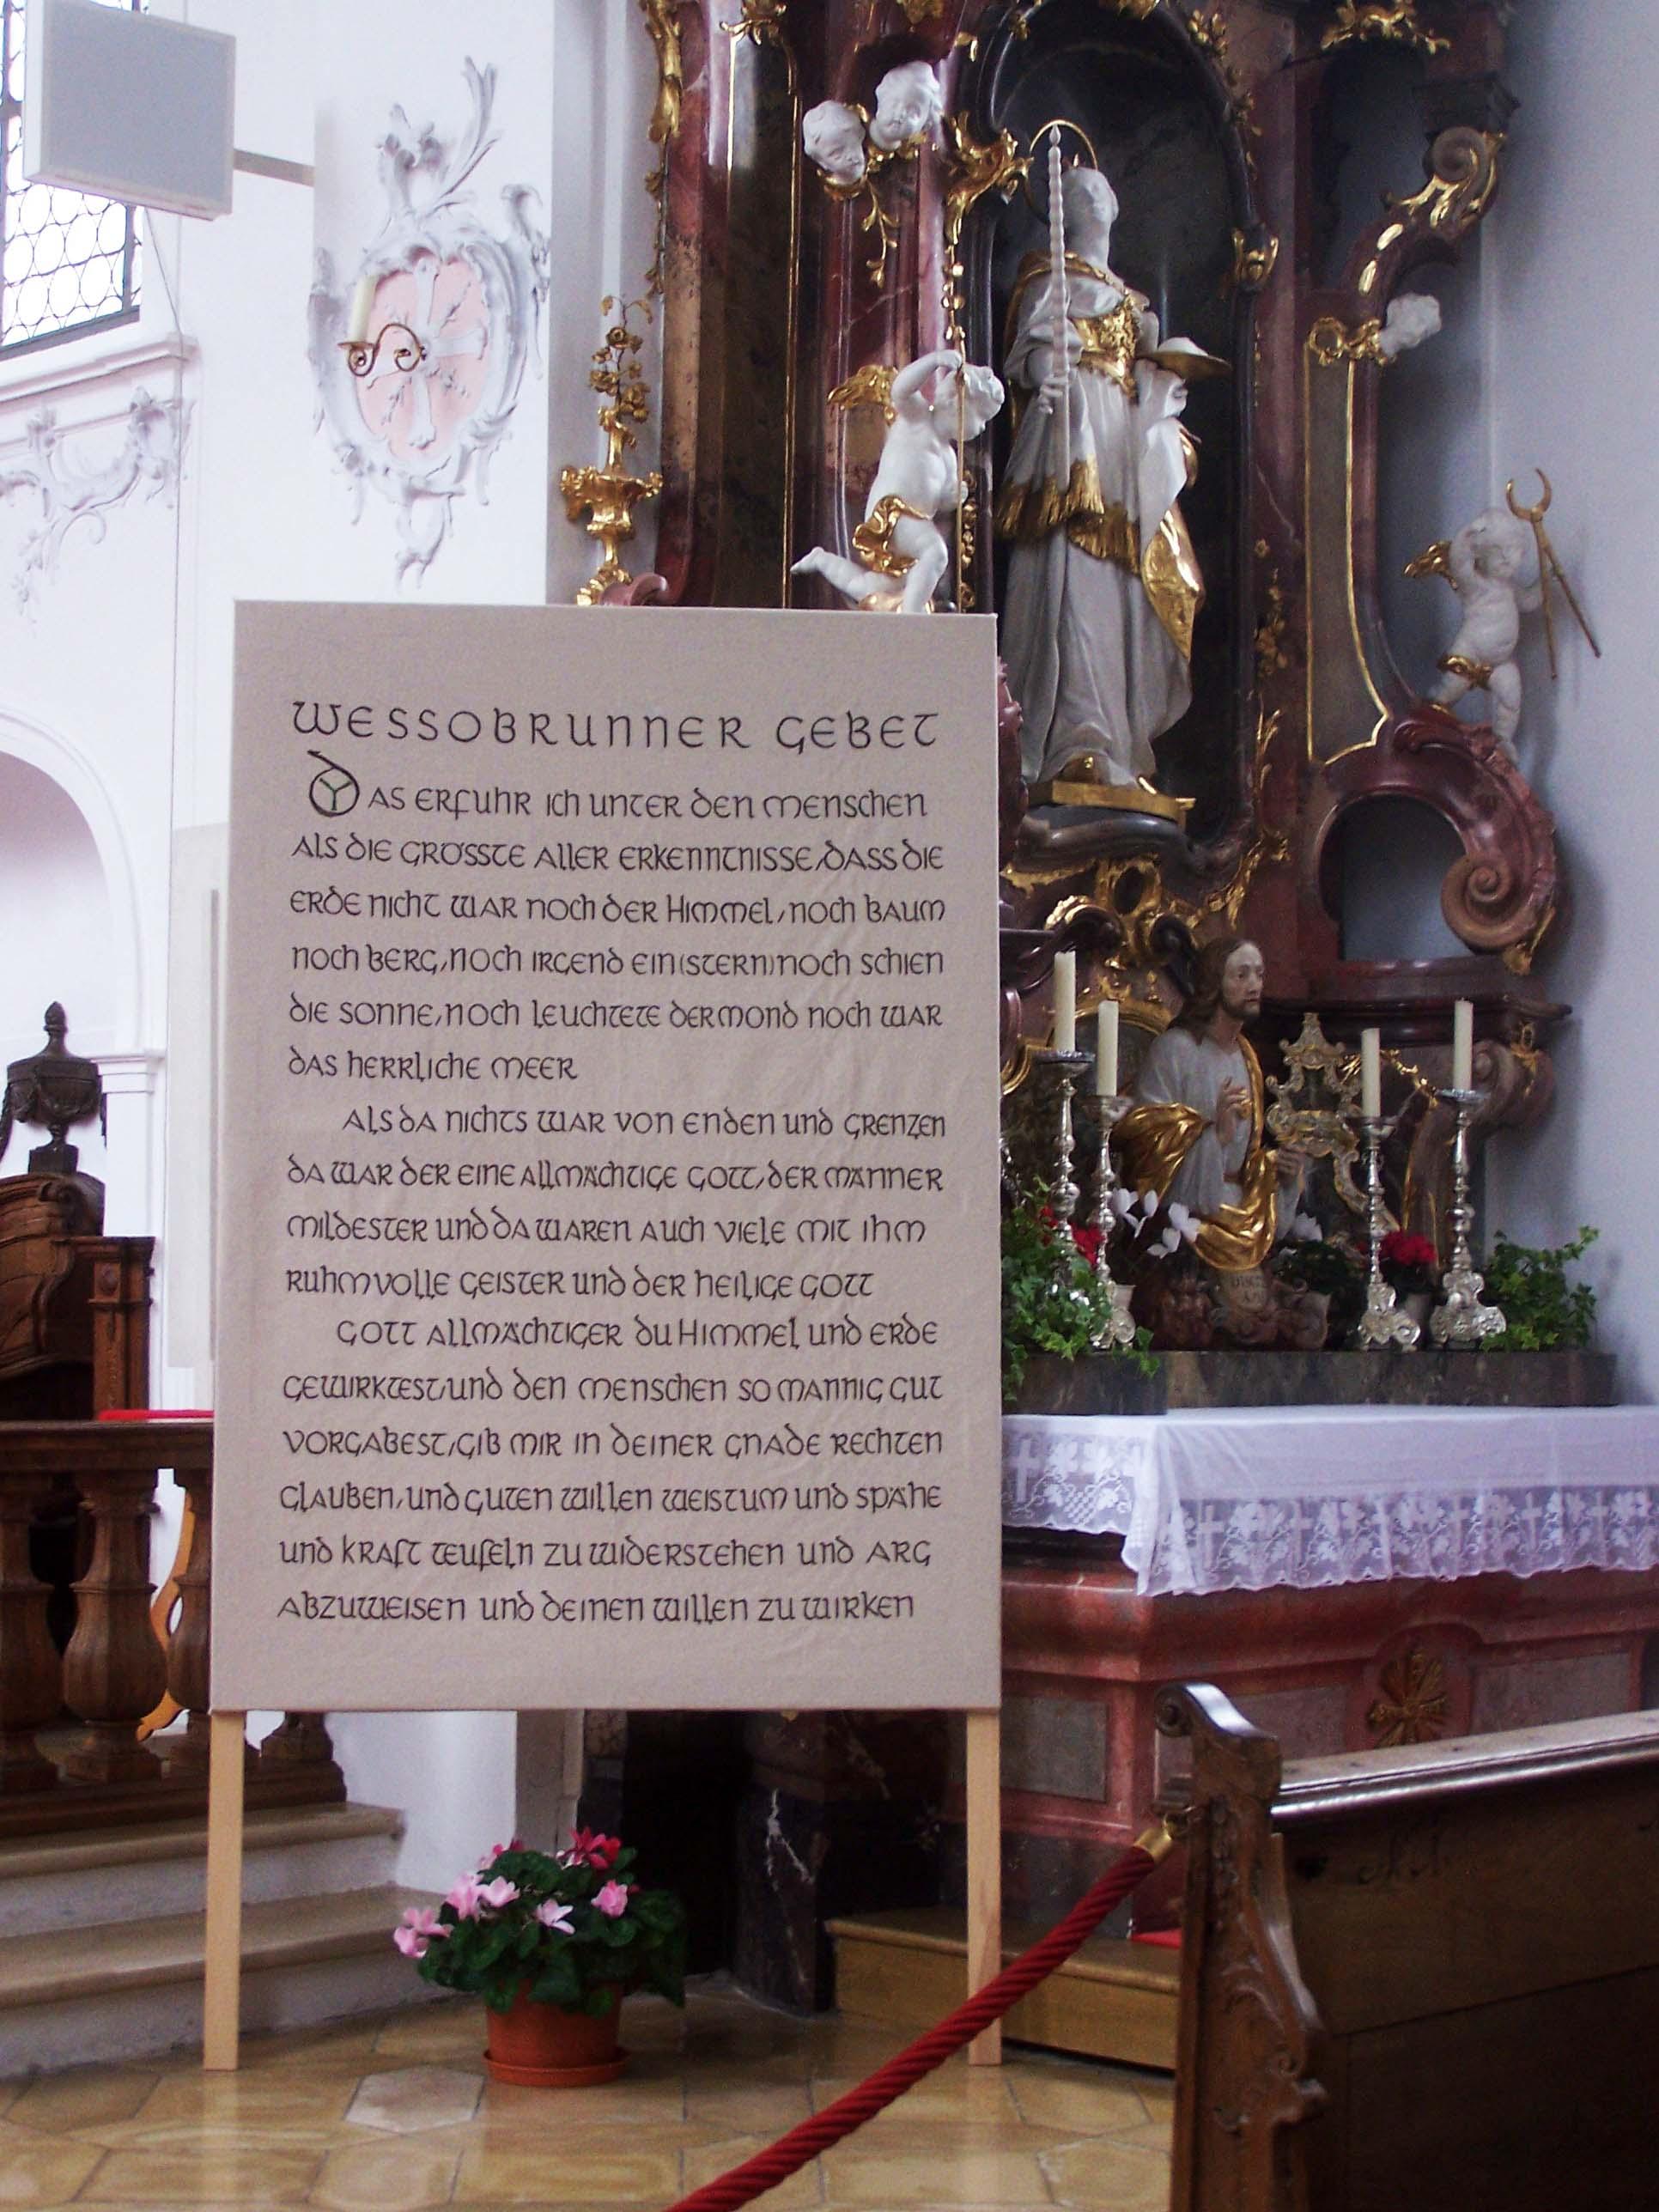 Klosterkirche Wessobrunn, Gebet